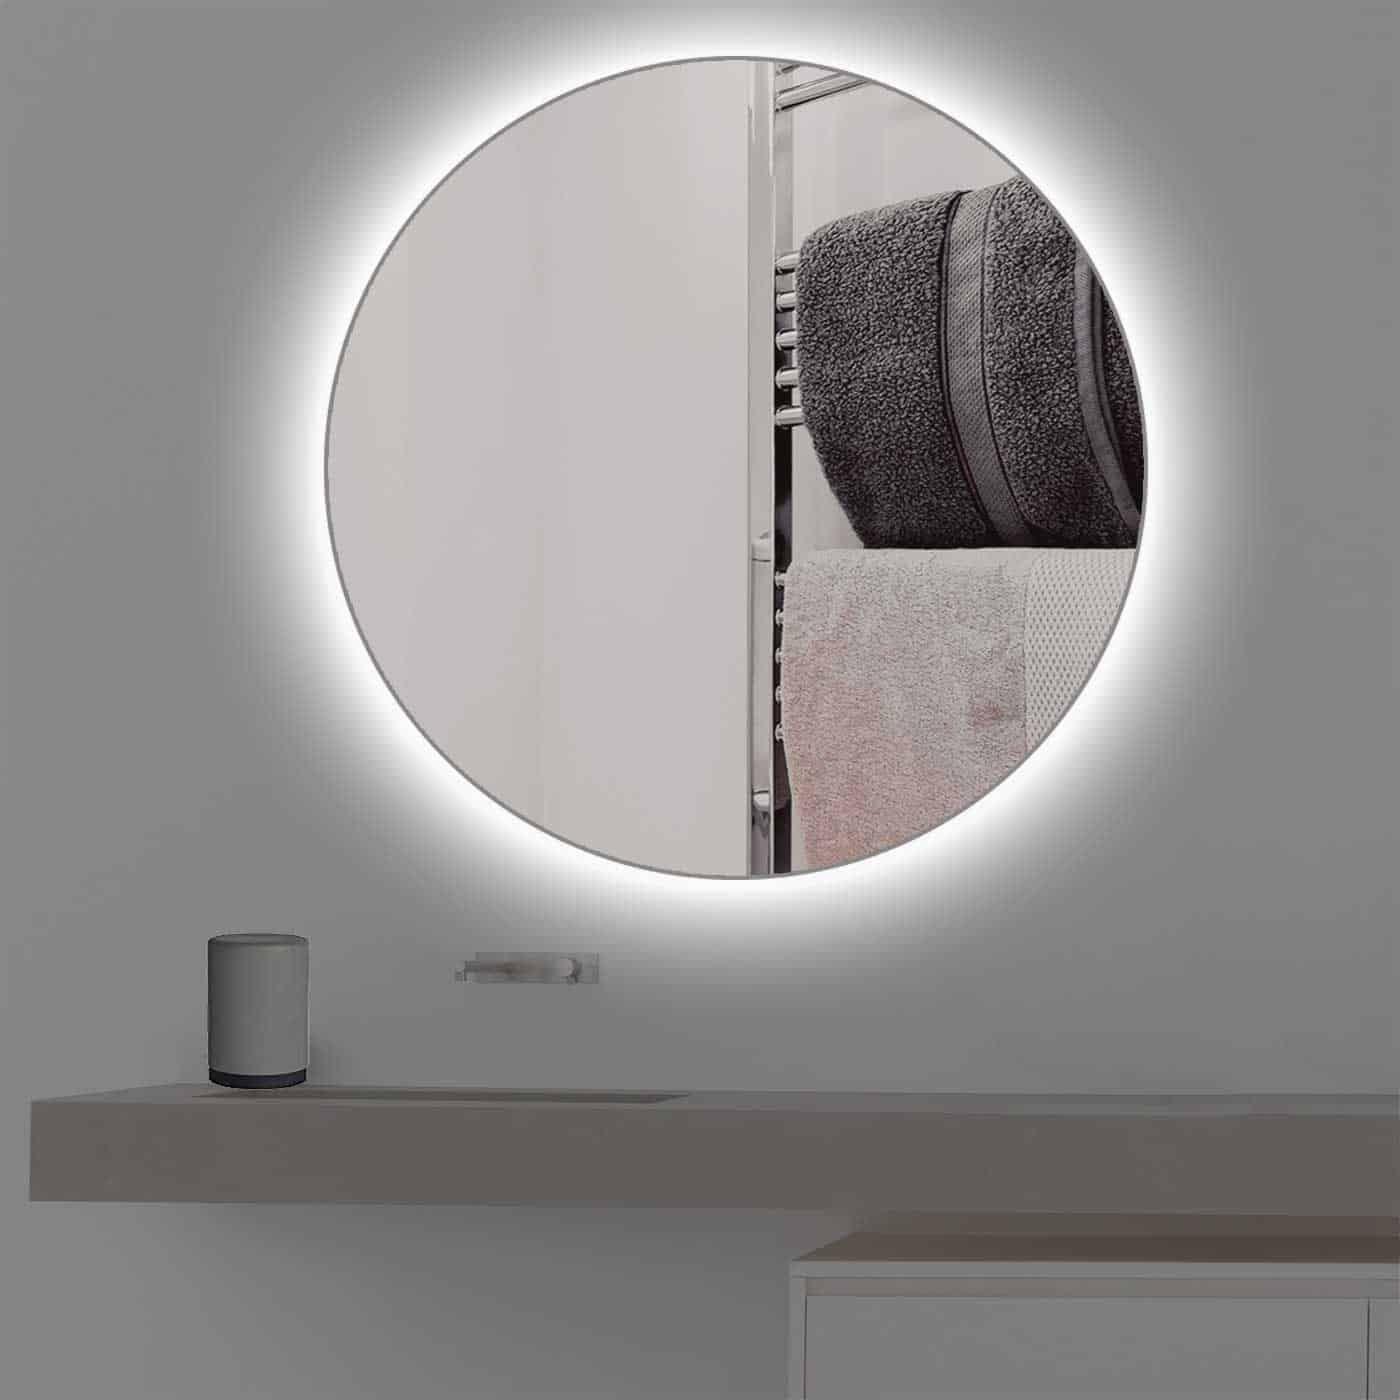 Runder Badspiegel Mit Beleuchtung Tuv Gepruft Kostenloser Versand Mit Bildern Badspiegel Beleuchtung Spiegel